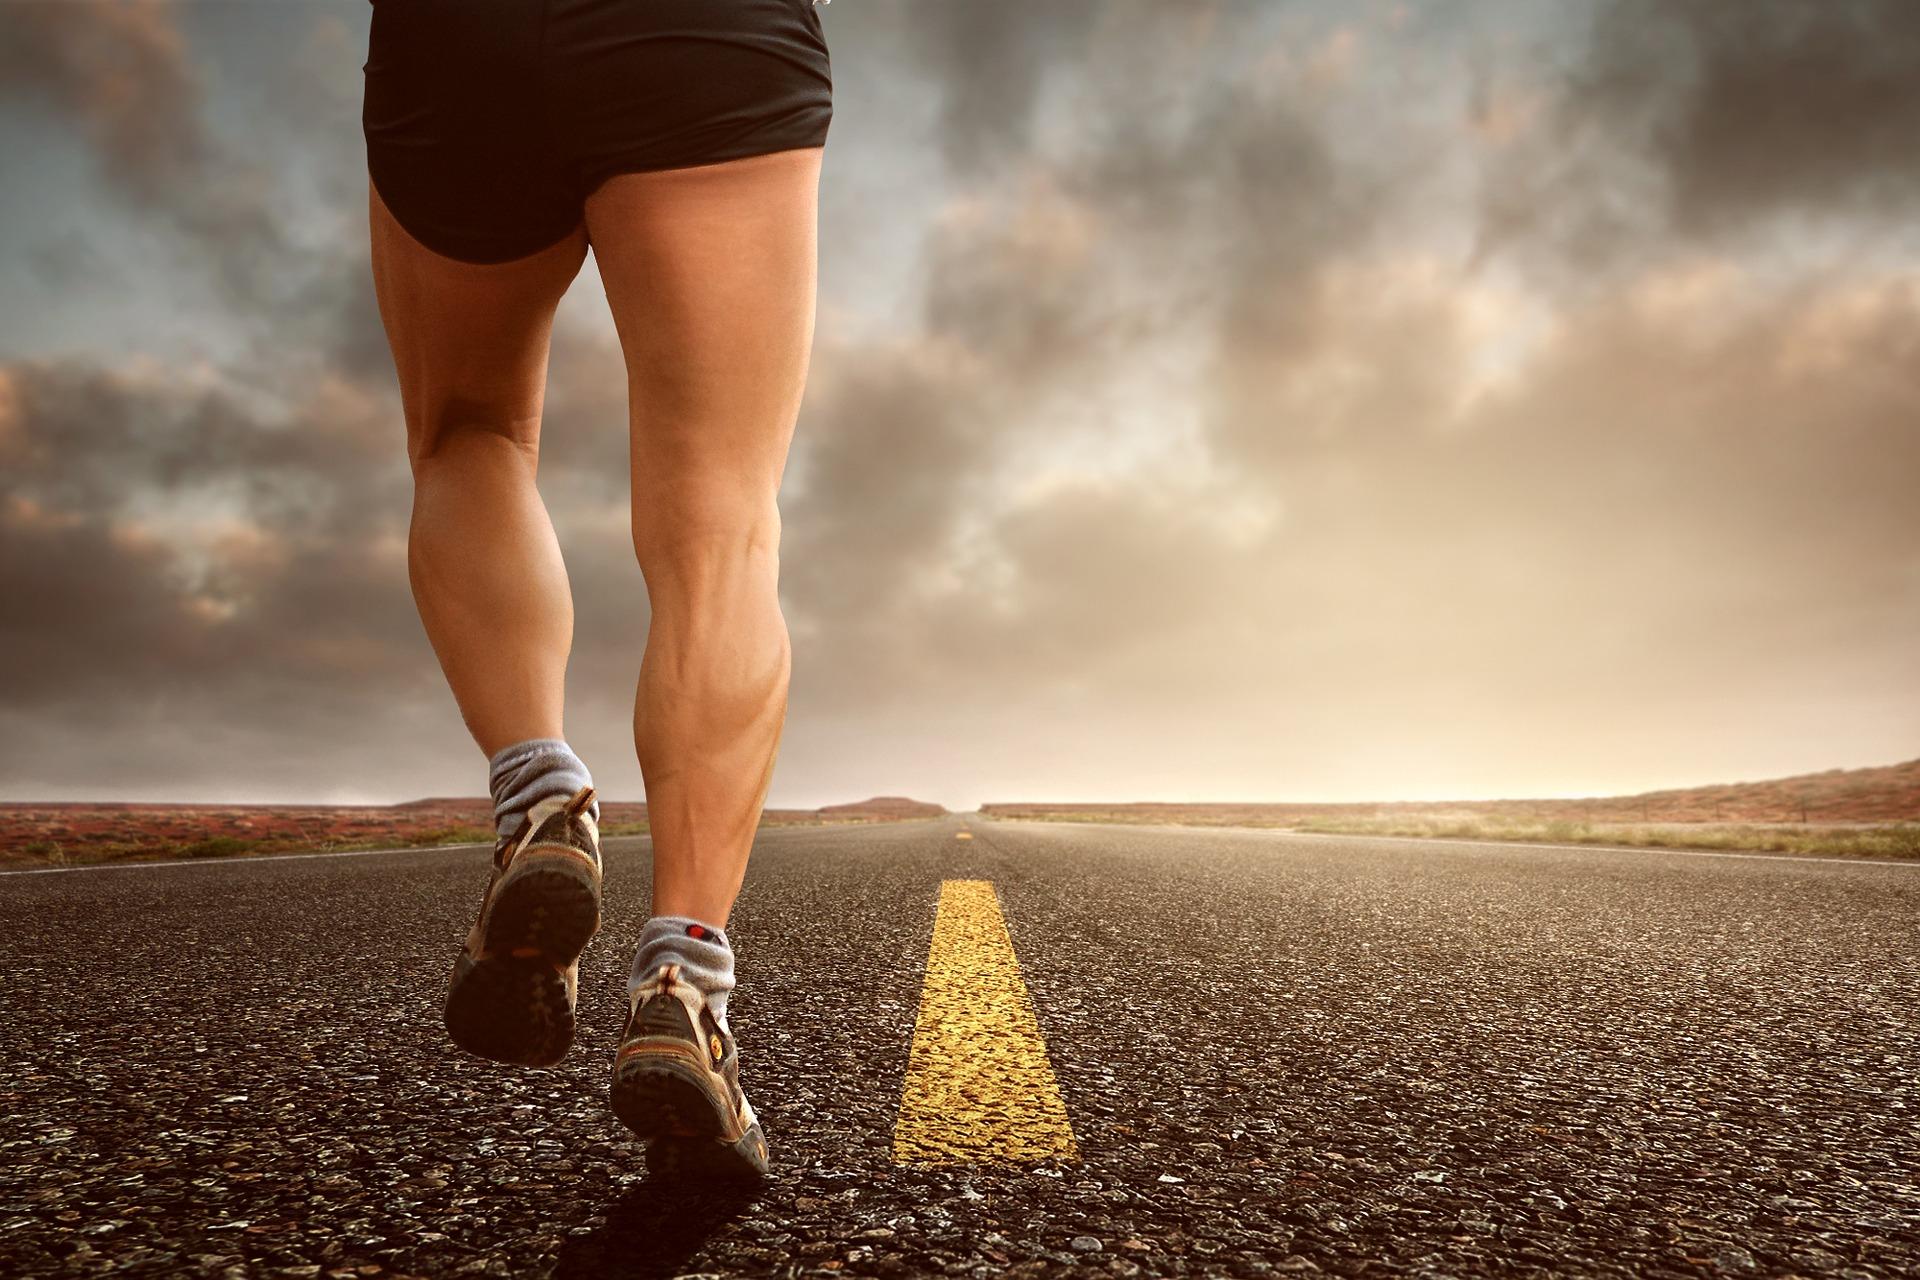 jogging-2343558_1920のアイキャッチ画像